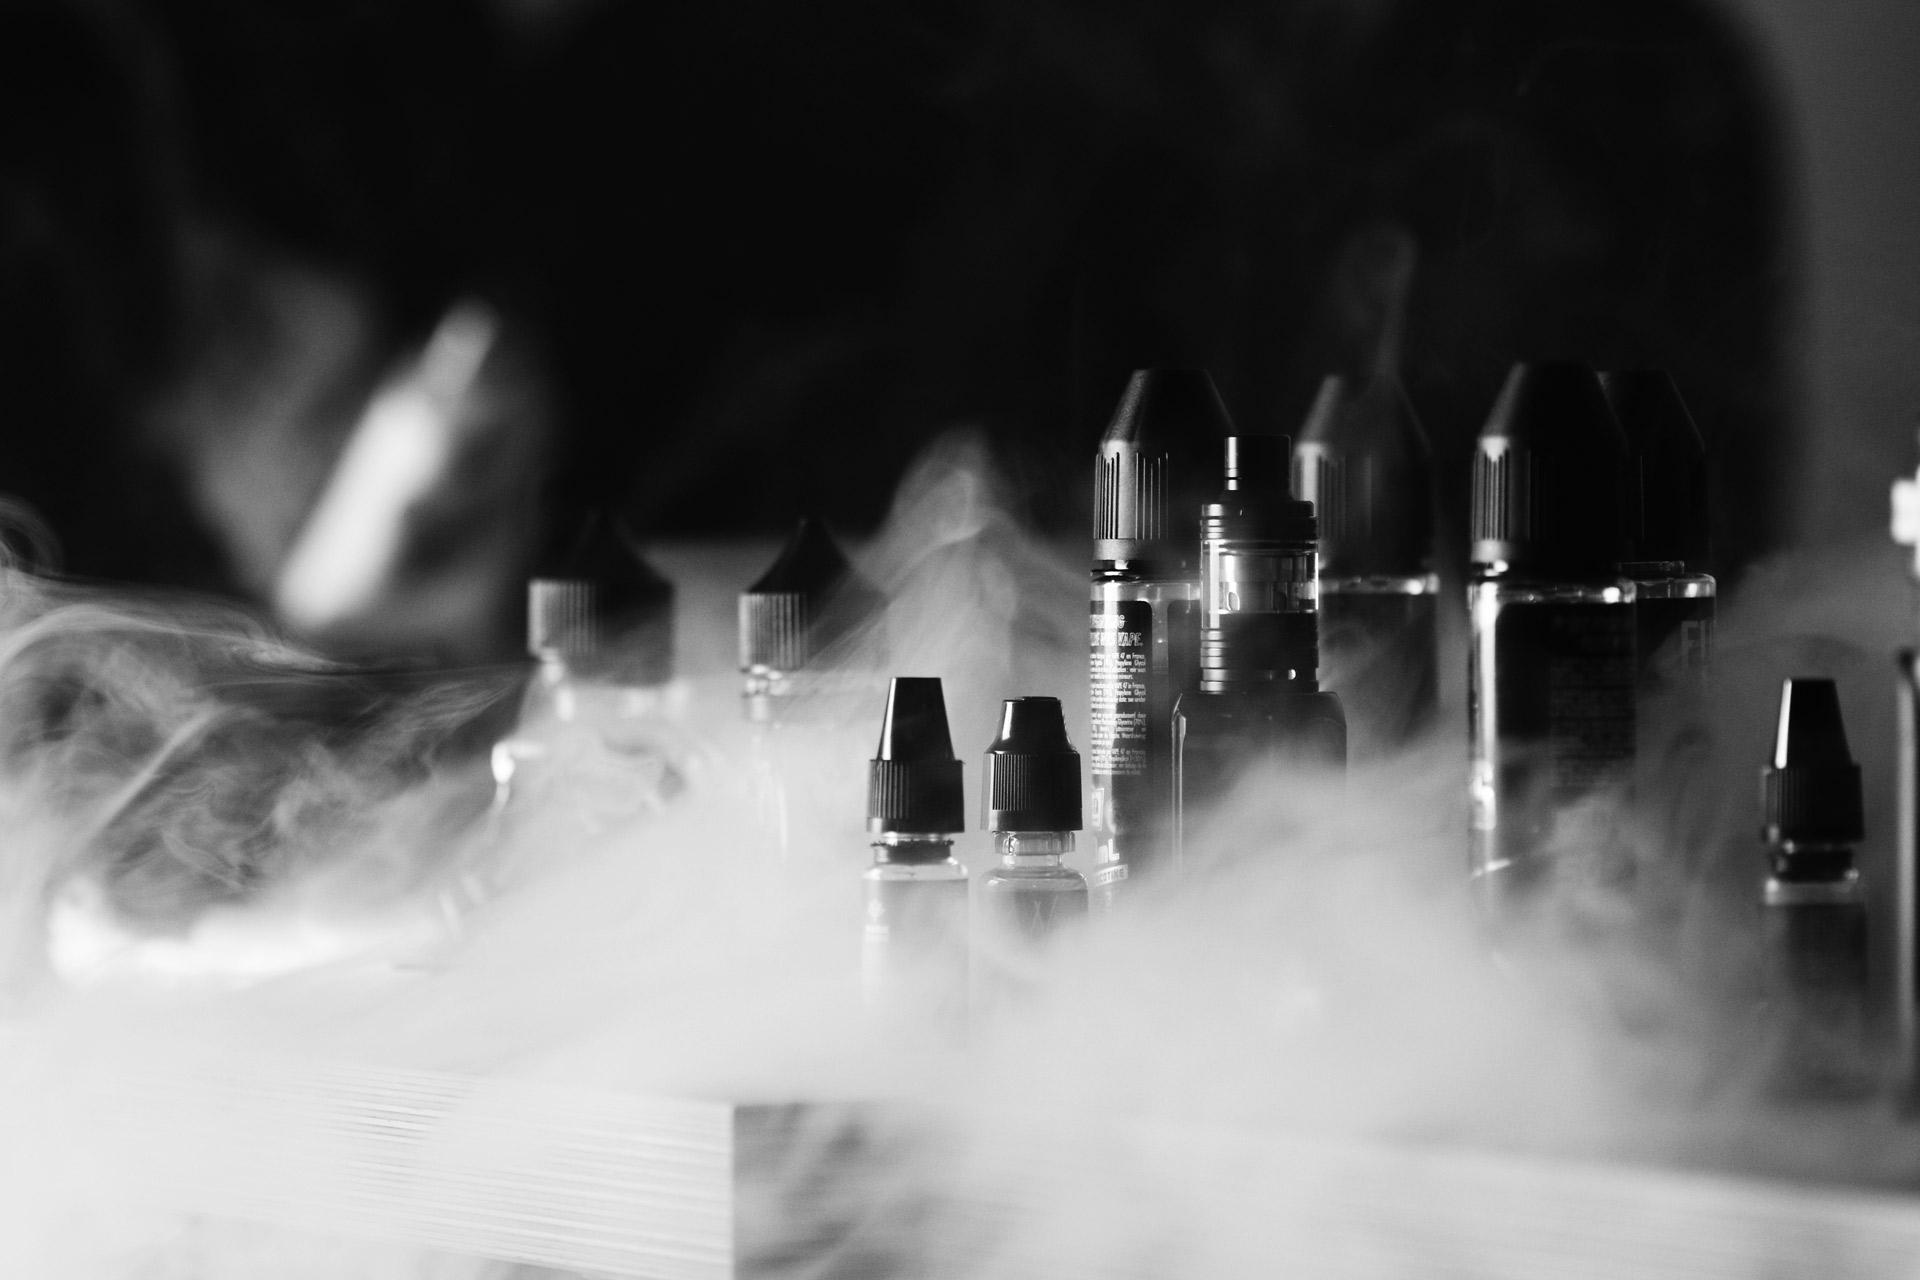 Vape dans le bureau - Photographie artistique en noir et blanc